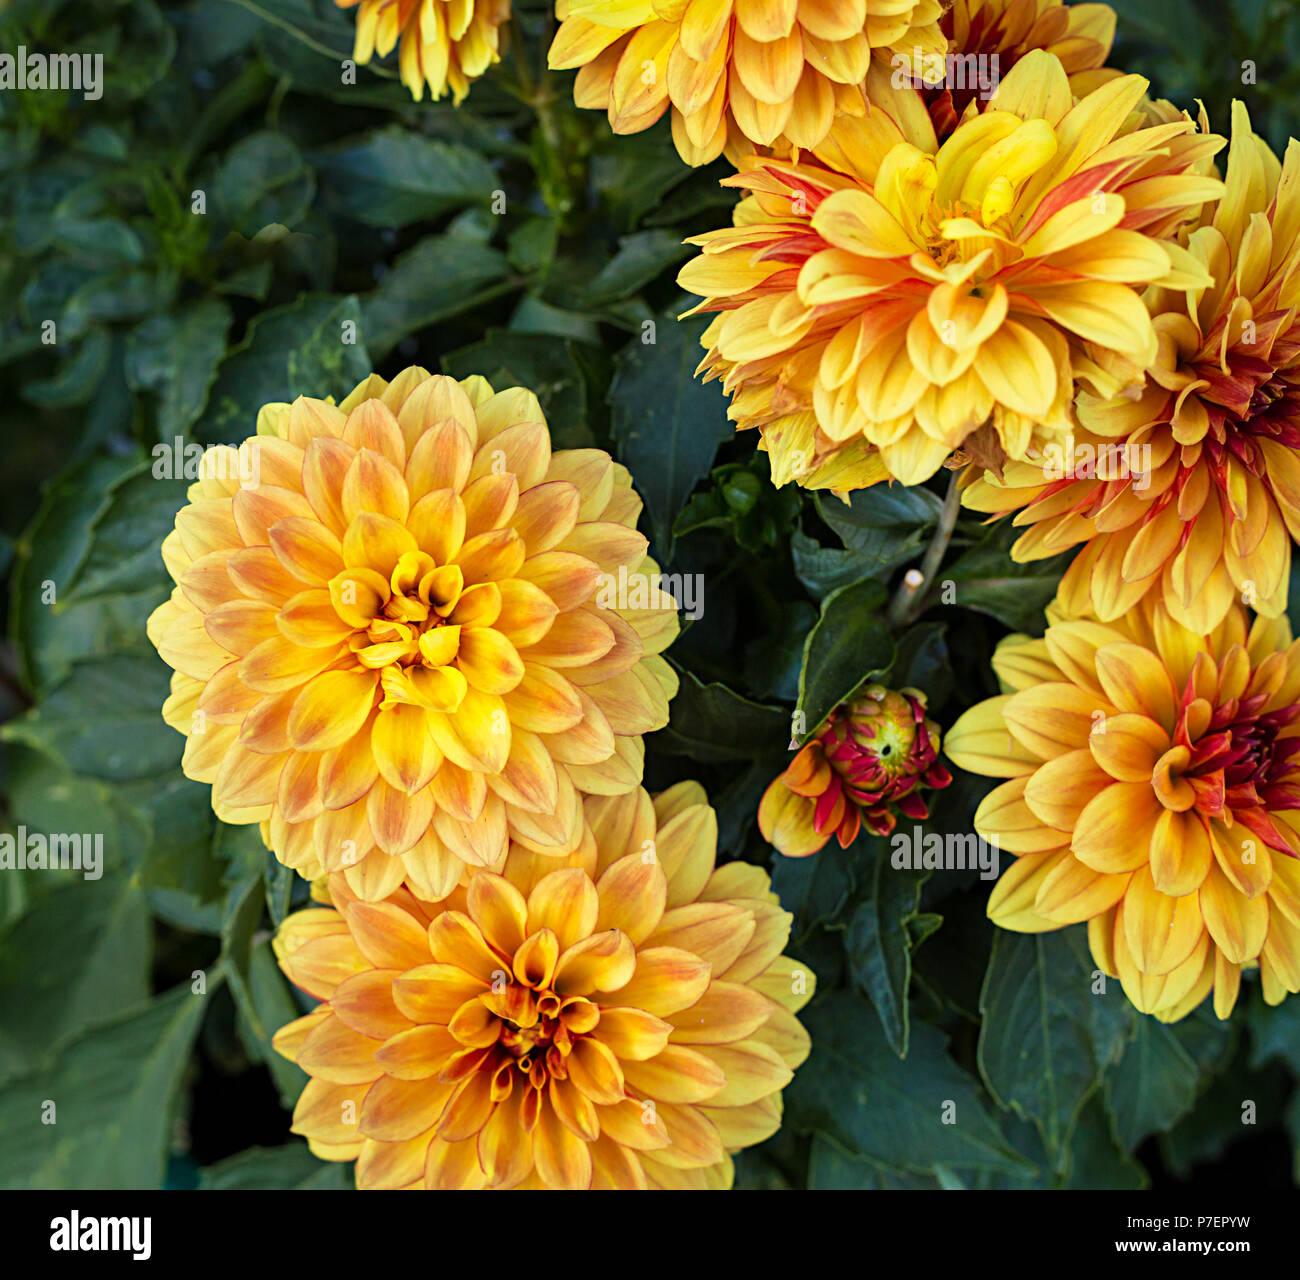 Red Yellow Mum Chrysanthemum Flowers Stock Photos Red Yellow Mum